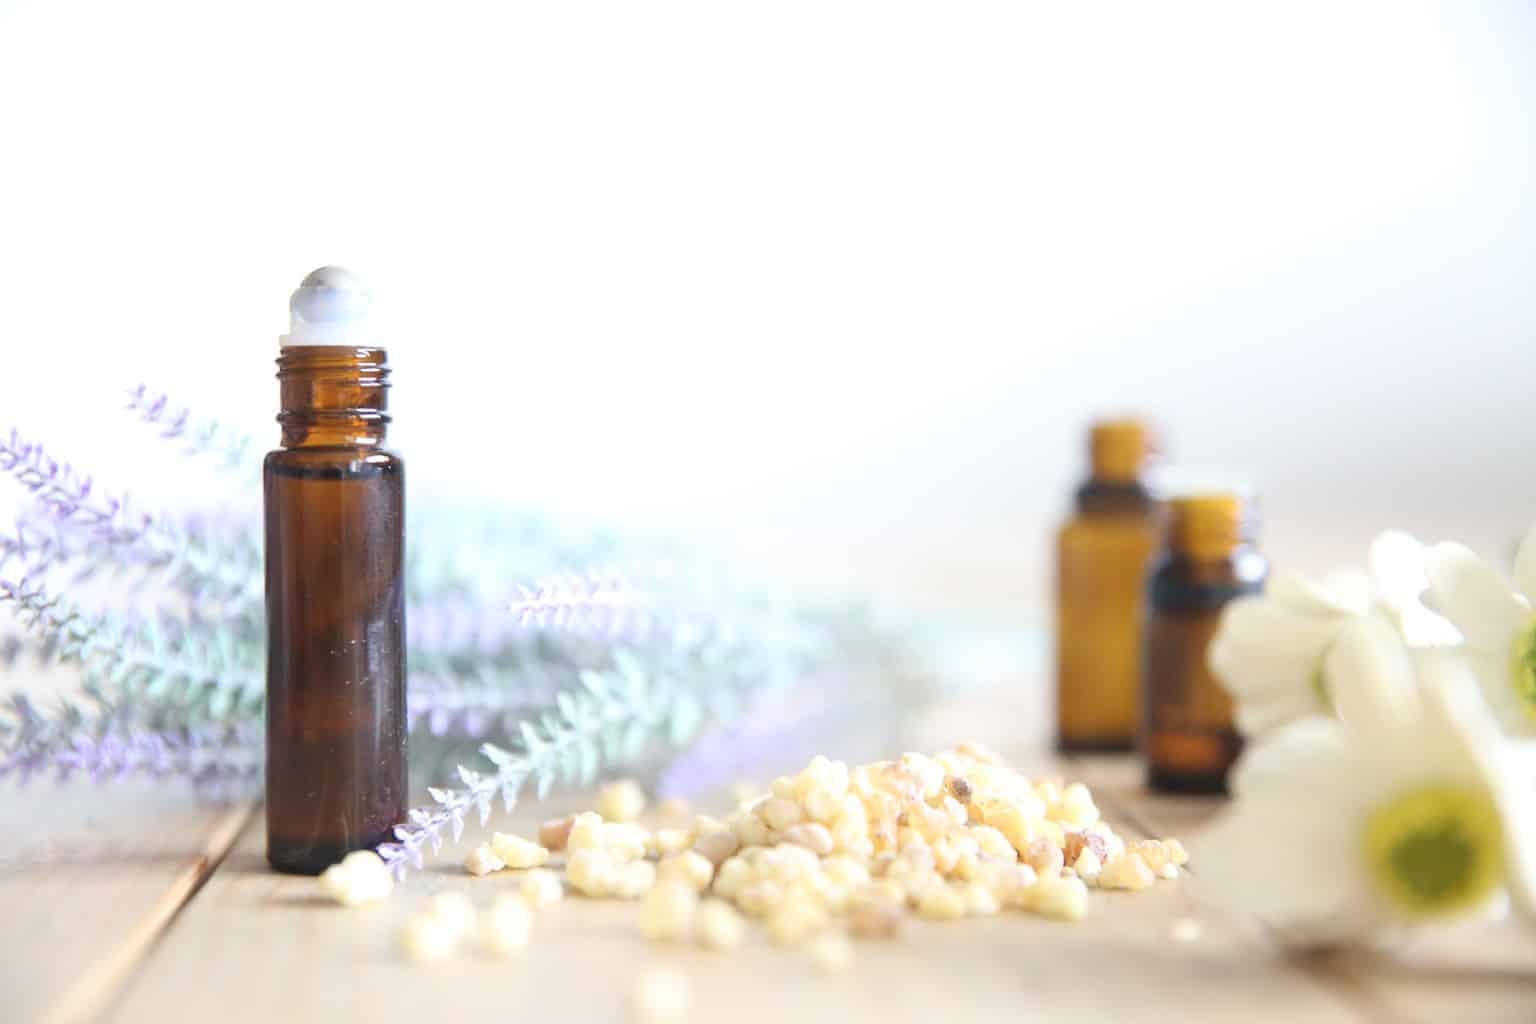 Teething essential oil roller bottle